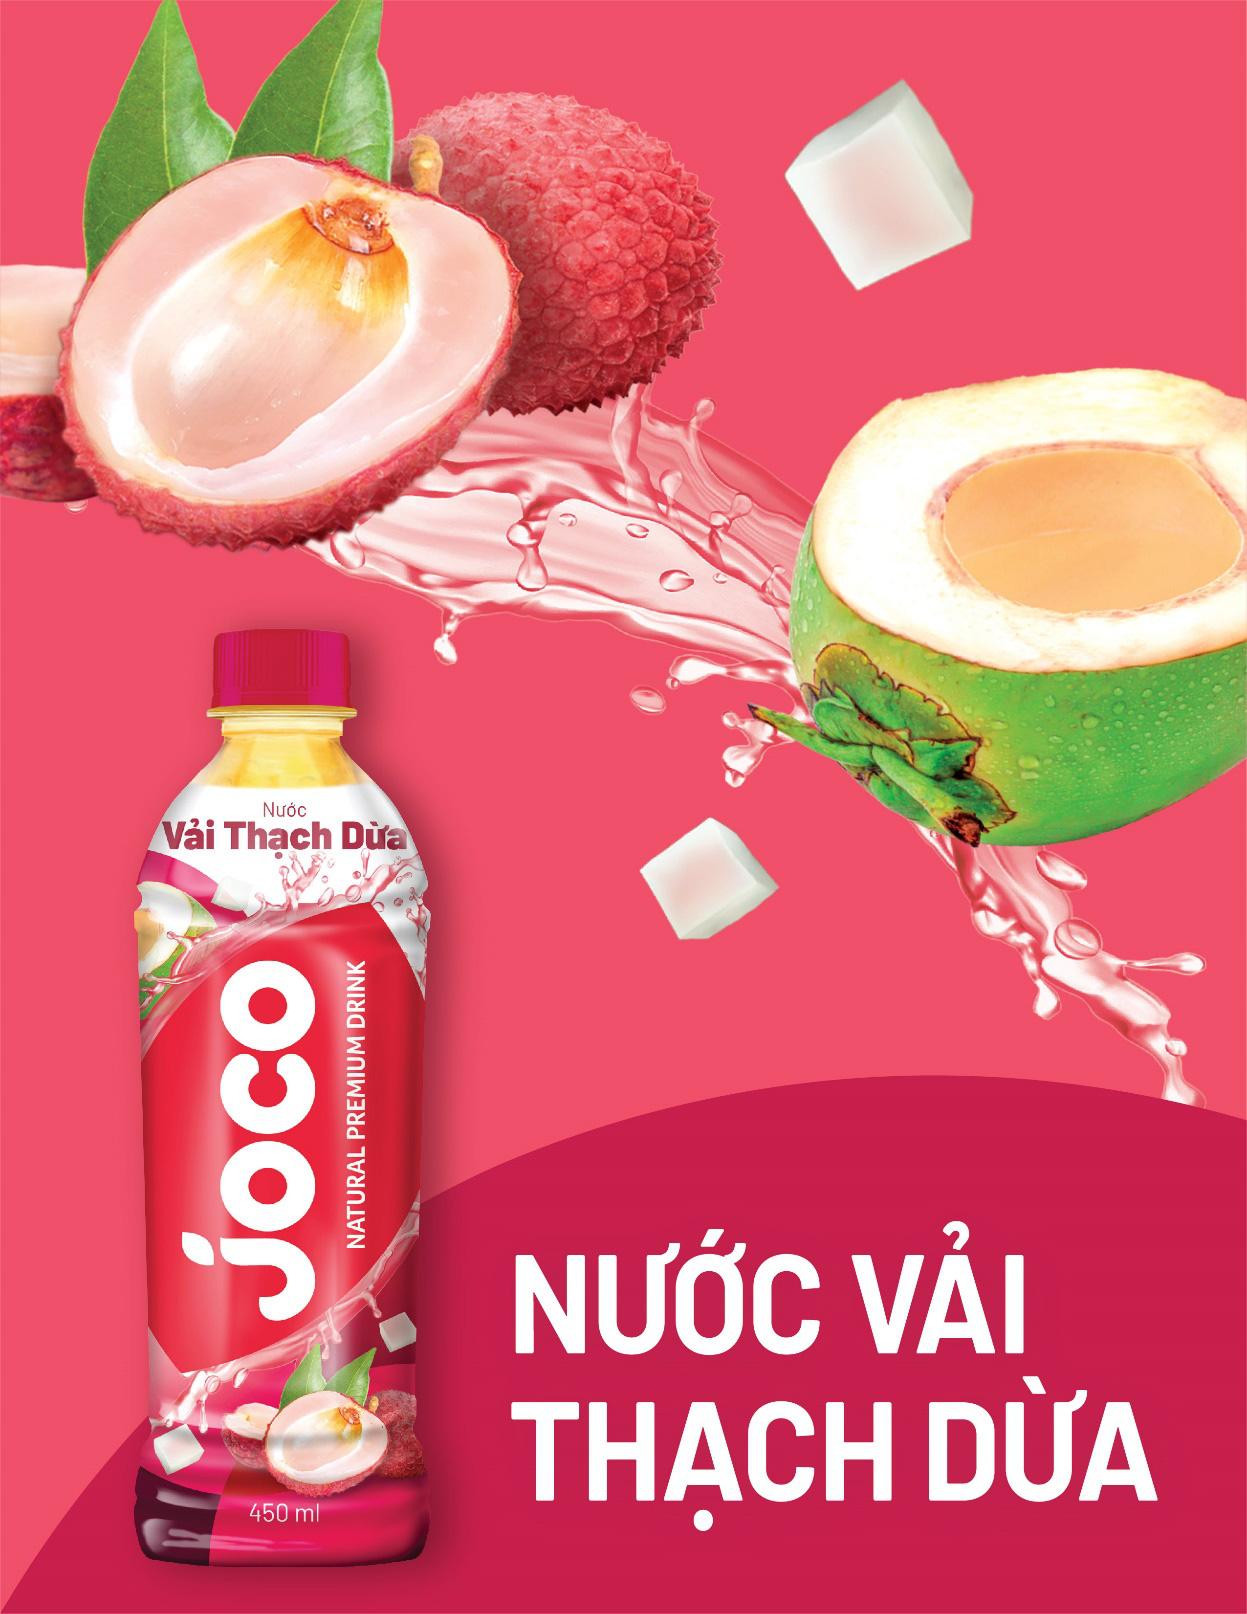 Nước trái cây JOCO khiến giới trẻ mê mẩn khi có thêm hương vị siêu độc đáo - Ảnh 3.